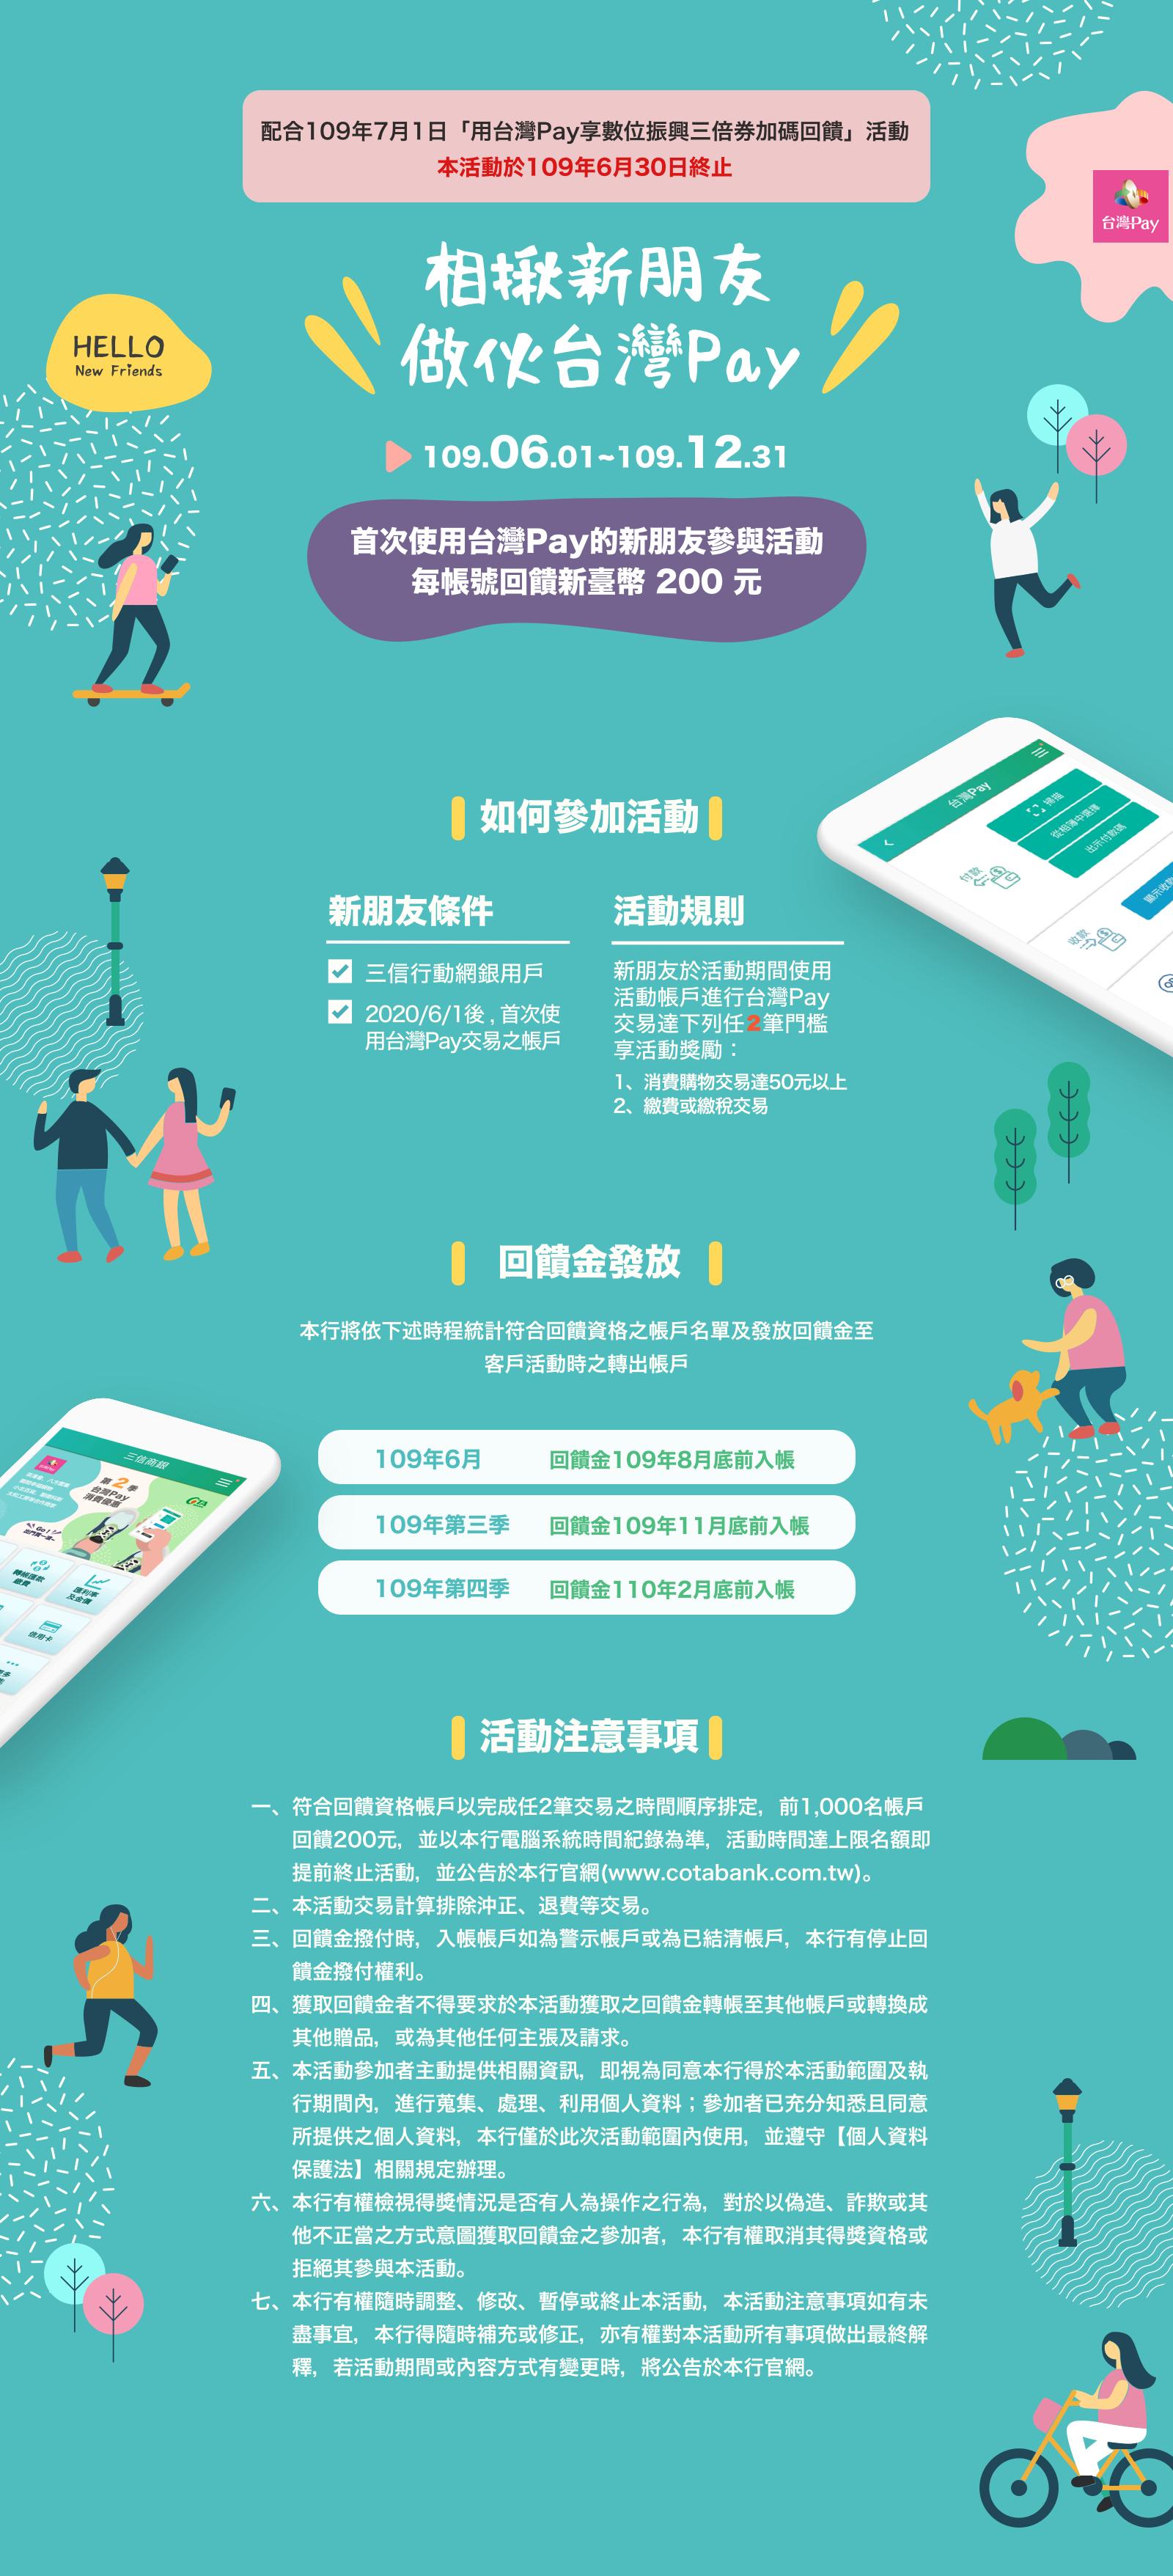 台灣Pay、新戶、相揪新朋友、做伙台灣Pay、200元、消費扣款、繳費、繳稅、109年、獎勵、回饋金、三信商業銀行、三信、行動支付。